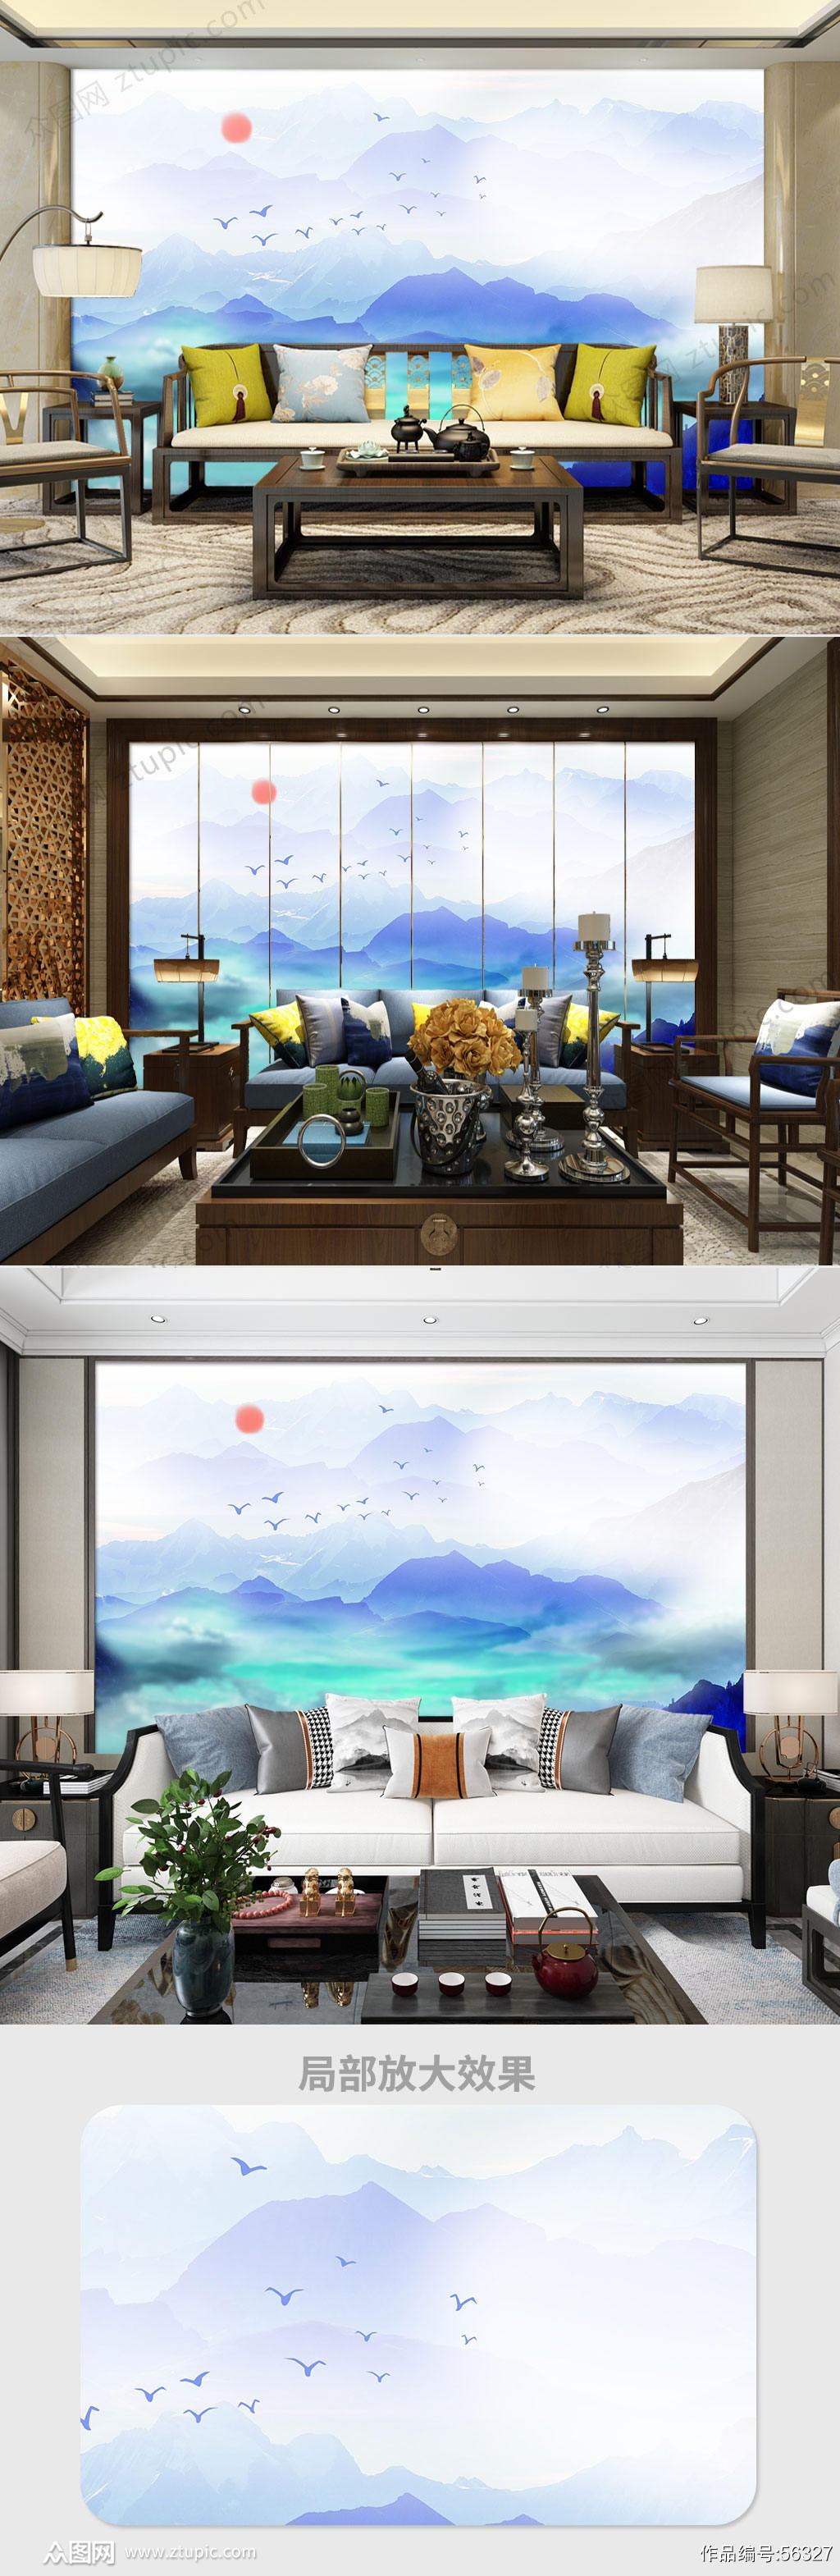 新中式水墨山水电视背景墙素材